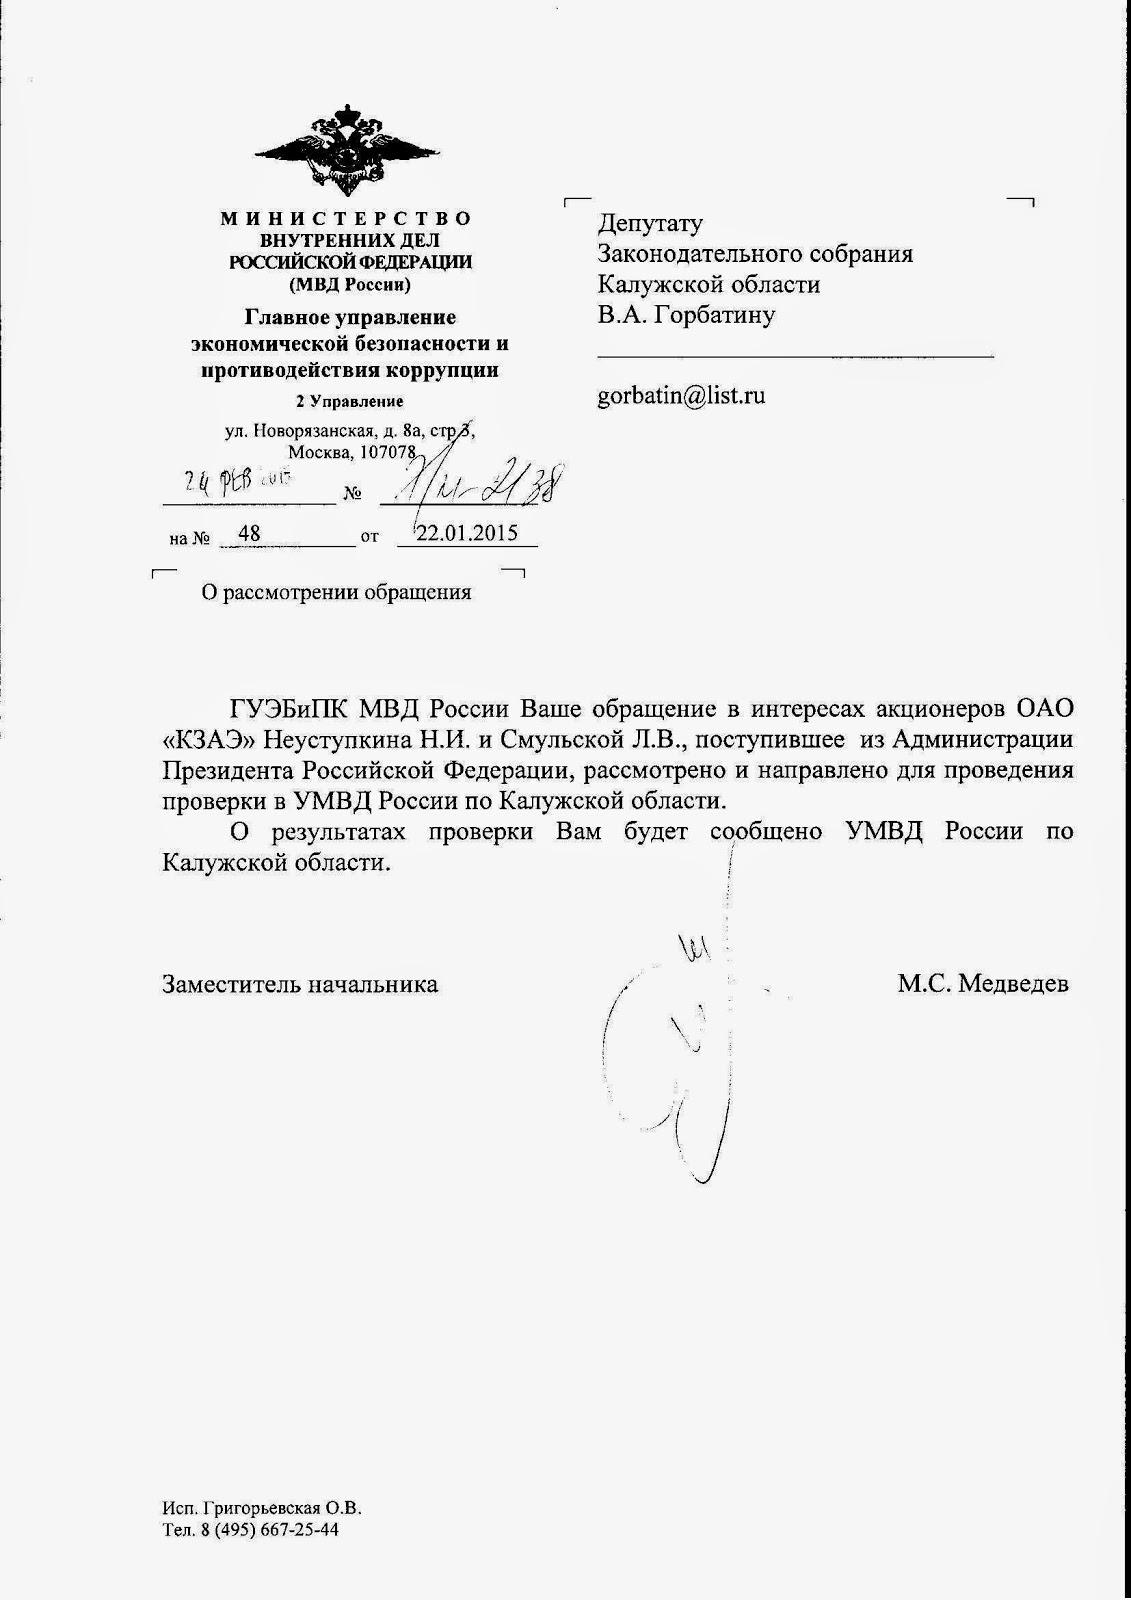 С Днём ПобеДы! - Газпром газораспределение Калуга